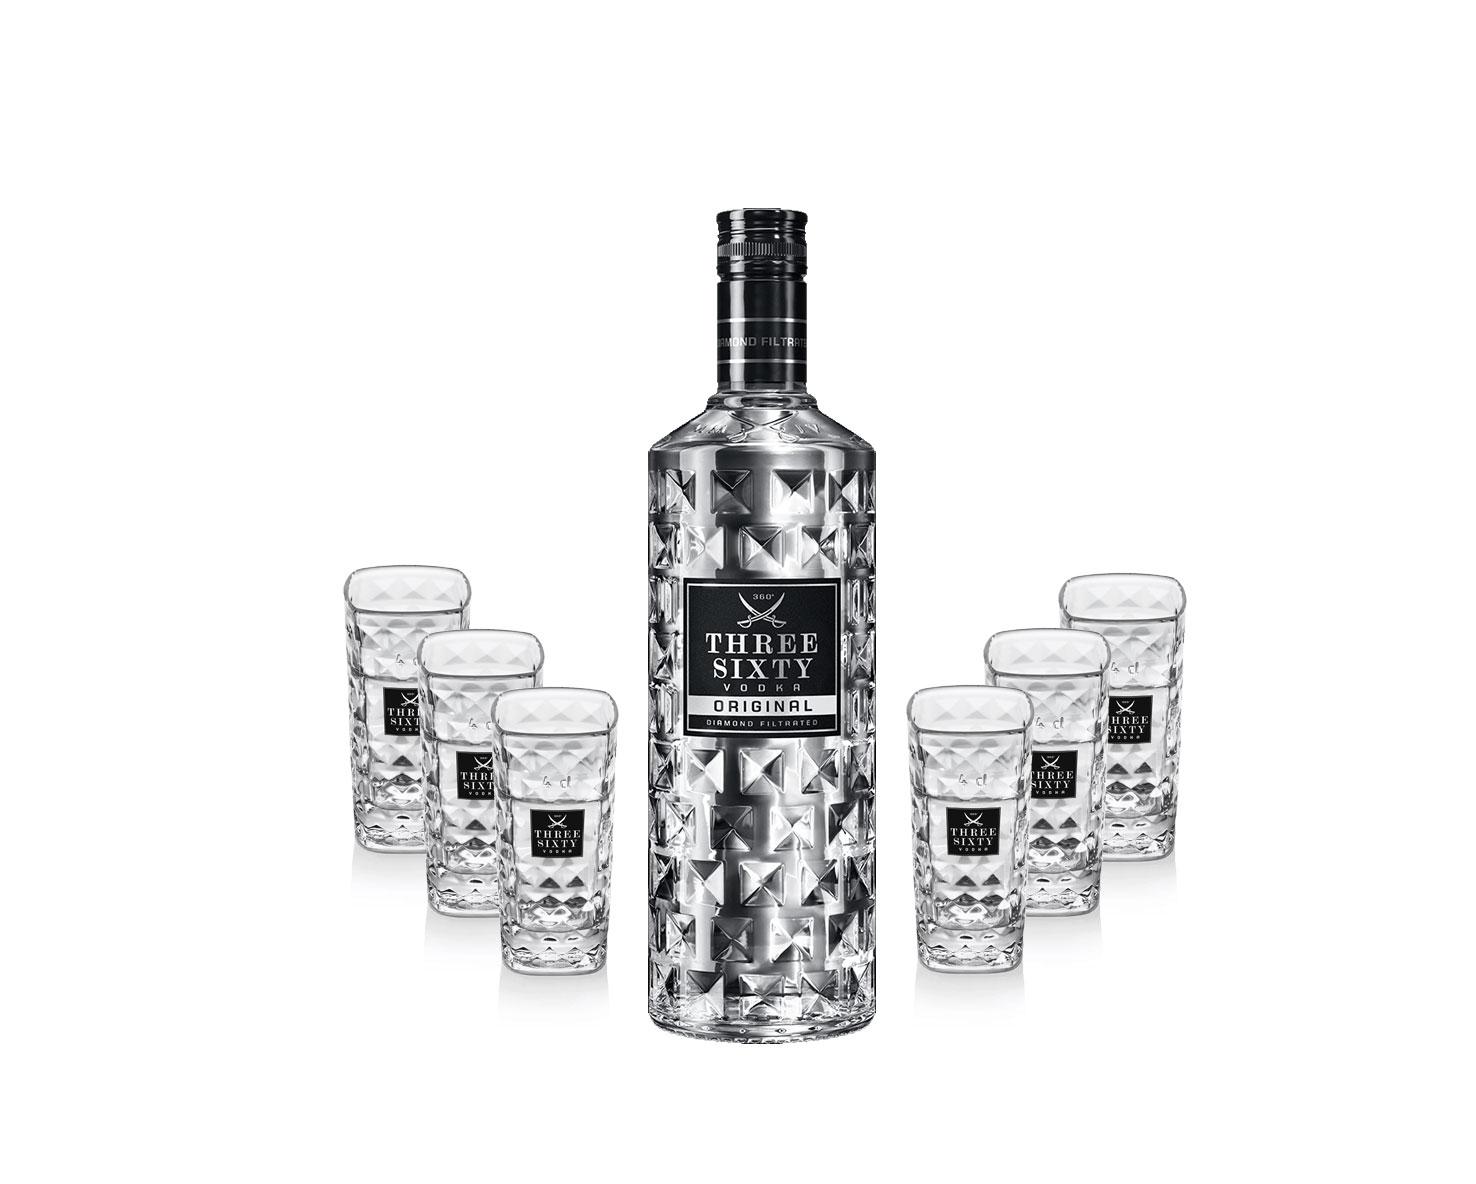 Three Sixty Set Geschenkset - Three Sixty Vodka Wodka 700ml (37,5% Vol) + 6x Shotgläser Glas 2 und 4cl geeicht- [Enthält Sulfite]